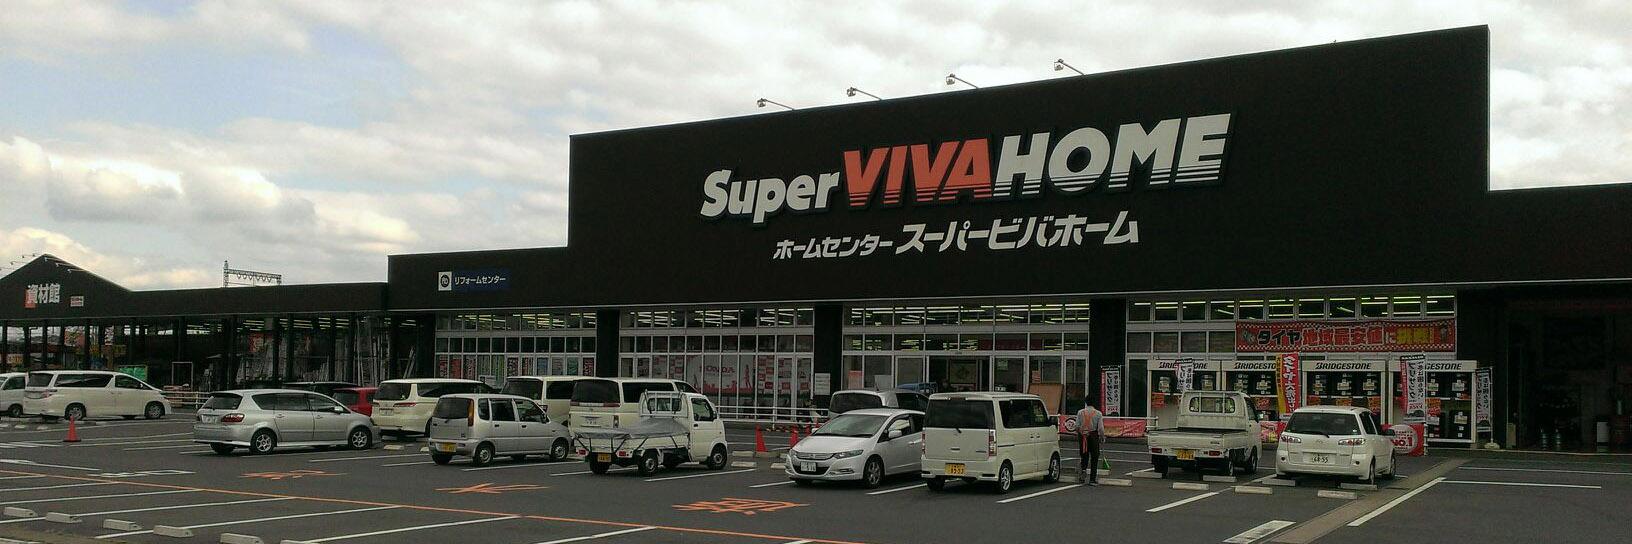 """""""スーパービバホーム名張店リフォーム&デザインセンター"""""""